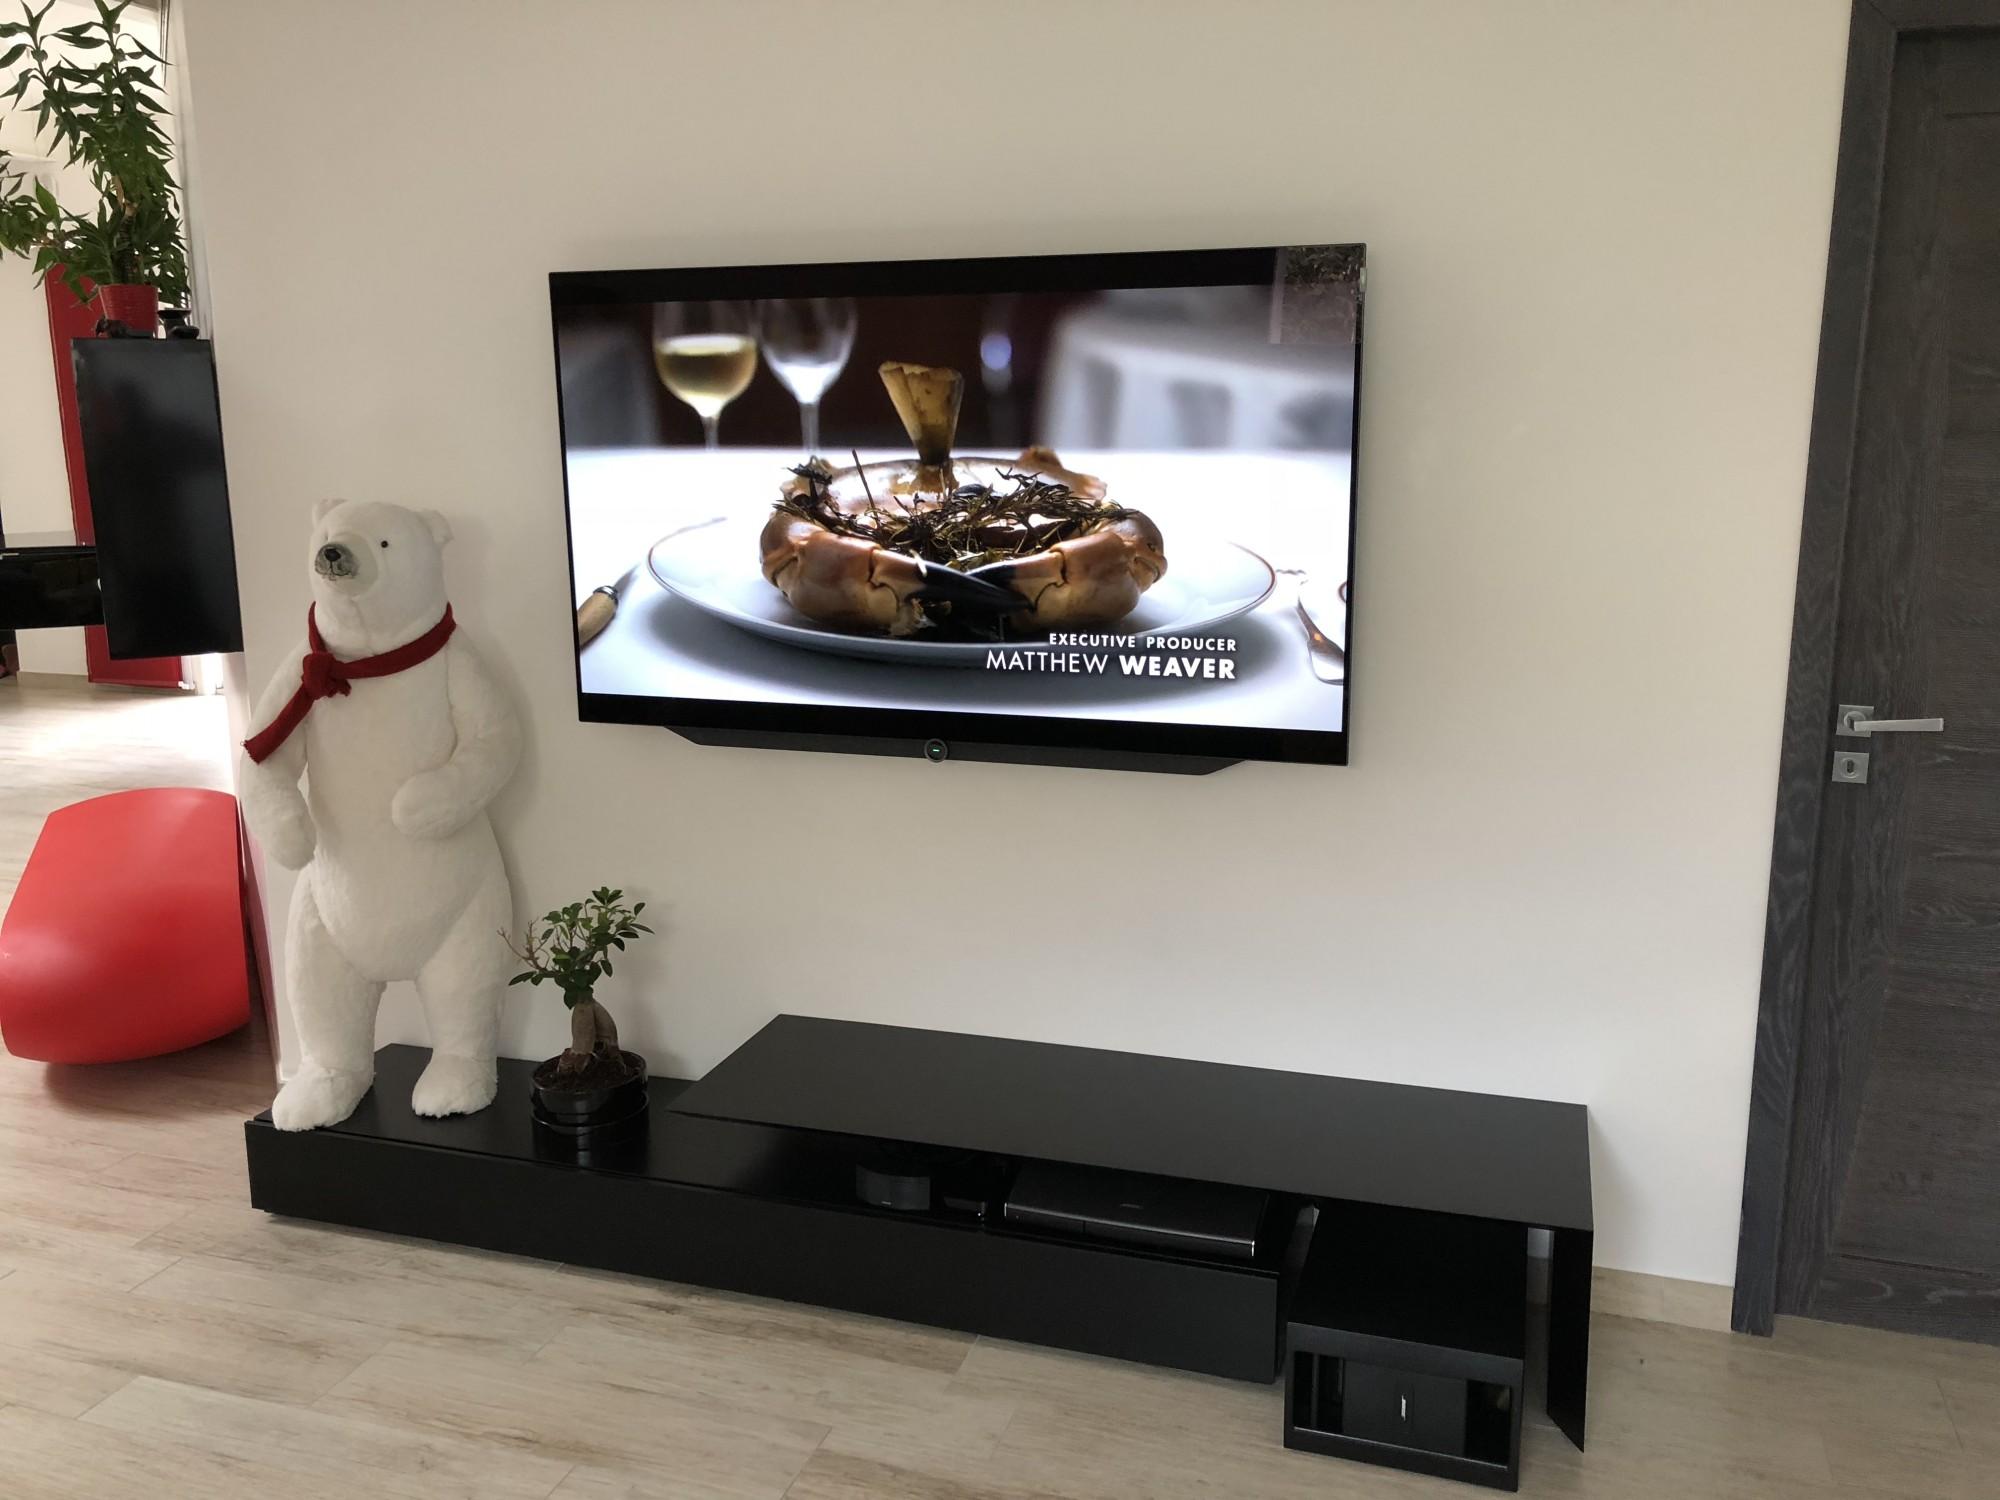 Mise en place d'un TV OLED LOEWE Bild 7.65 au mur à Montpellier